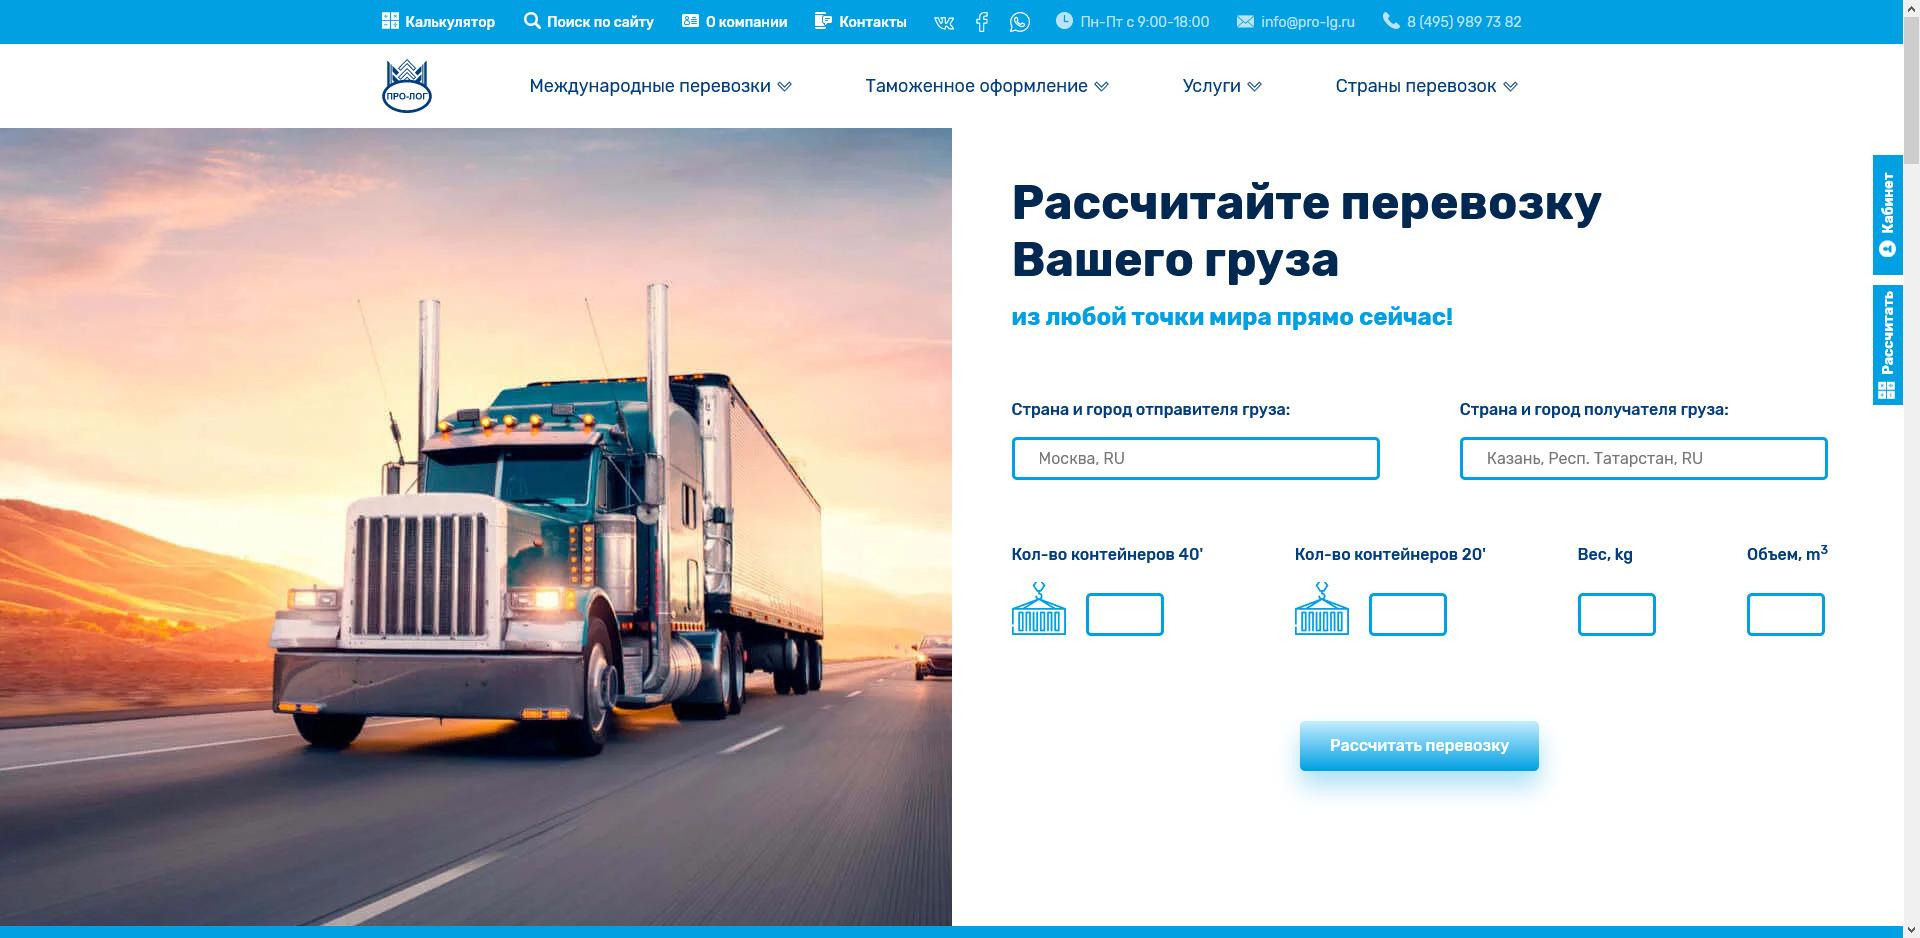 Быстрый бесплатный аудит сайта транспортно-экспедиционной компании